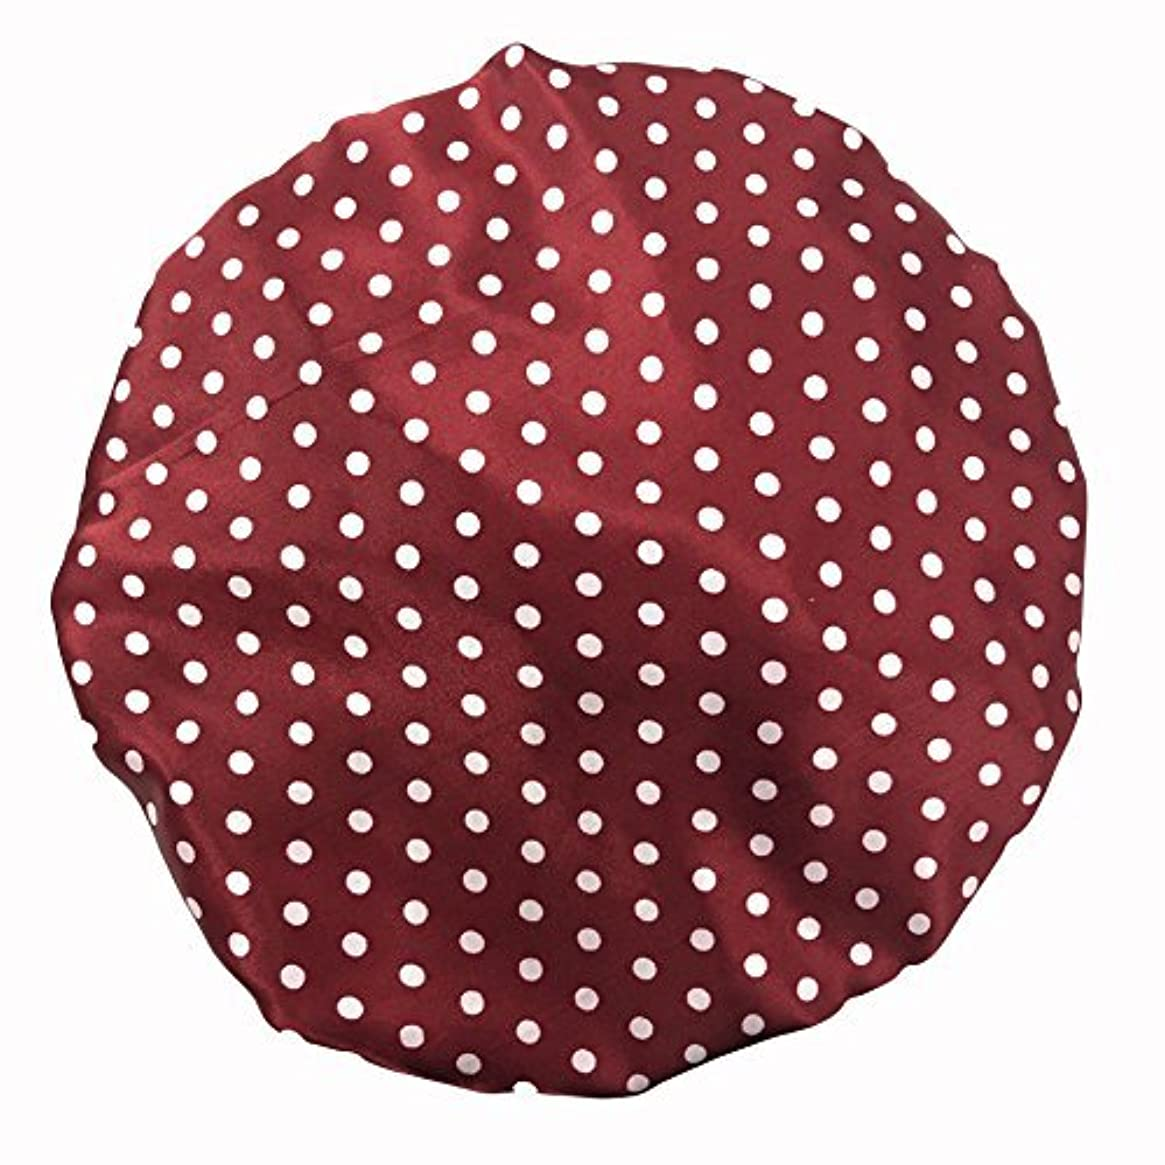 モールス信号心理的に違反するMaltose 化粧帽 ダブル防水シャワーキャップ ヘアキャップ お風呂上がり バス用品 浴びる 強い防水性 2枚セット